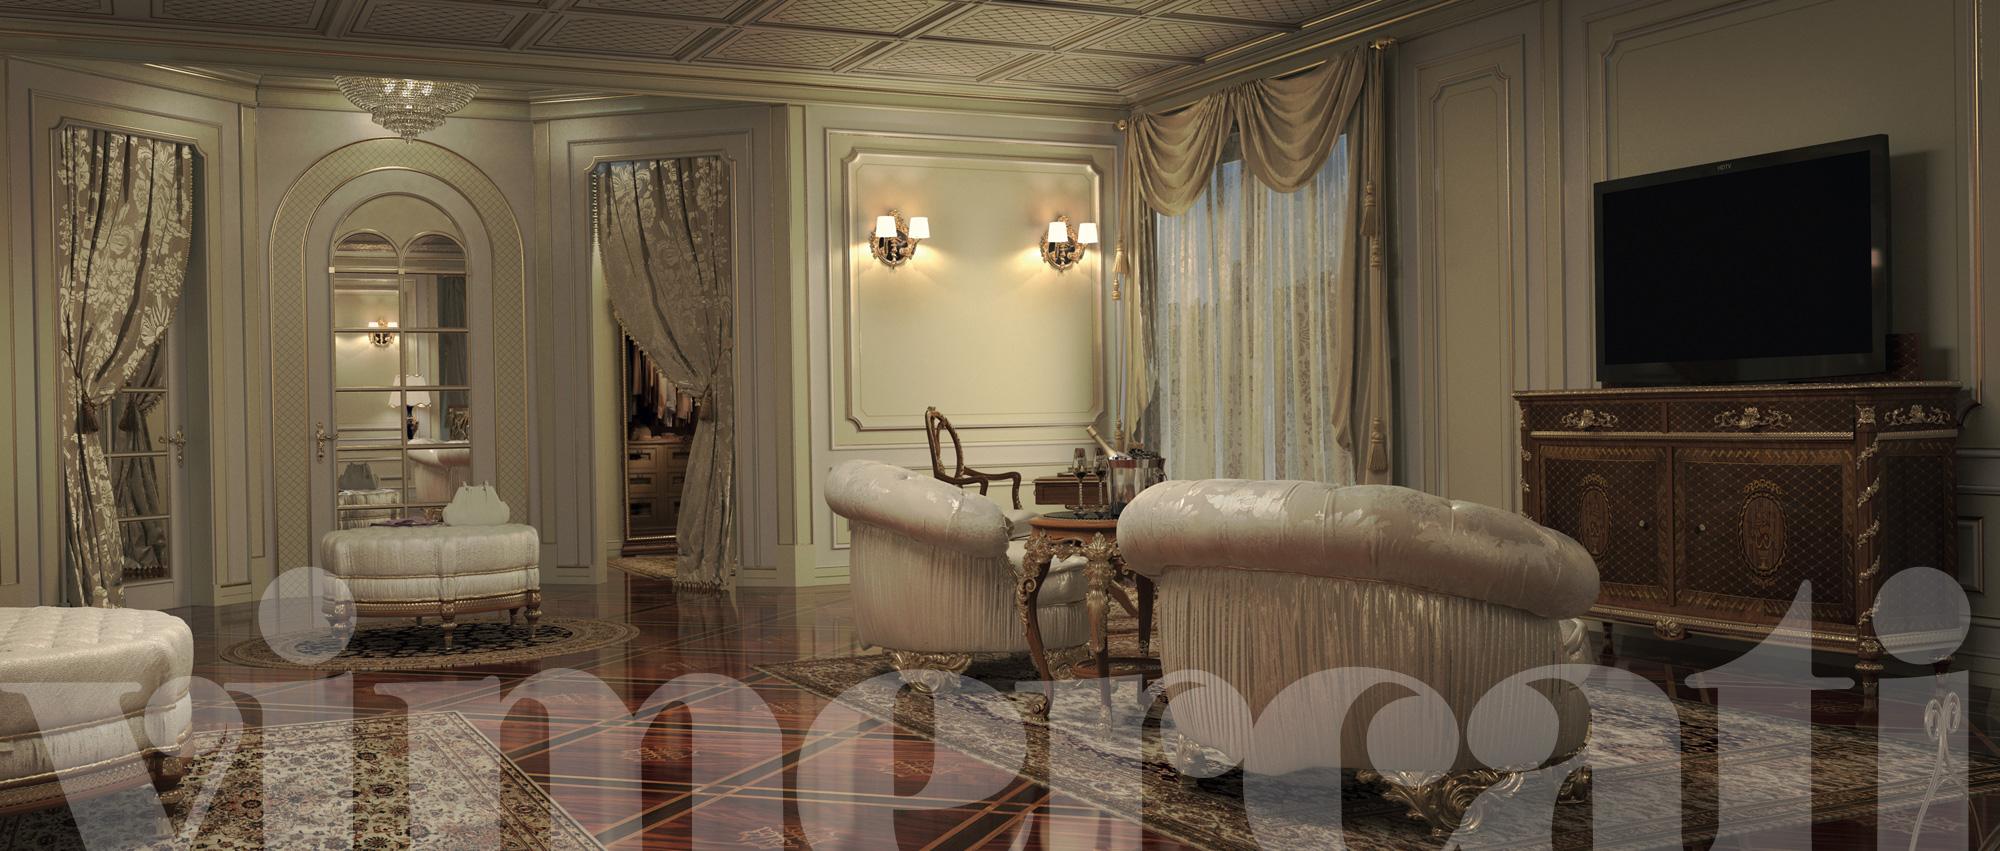 Arredamento classico ville mobili regali per una camera - Arredamento classico ...